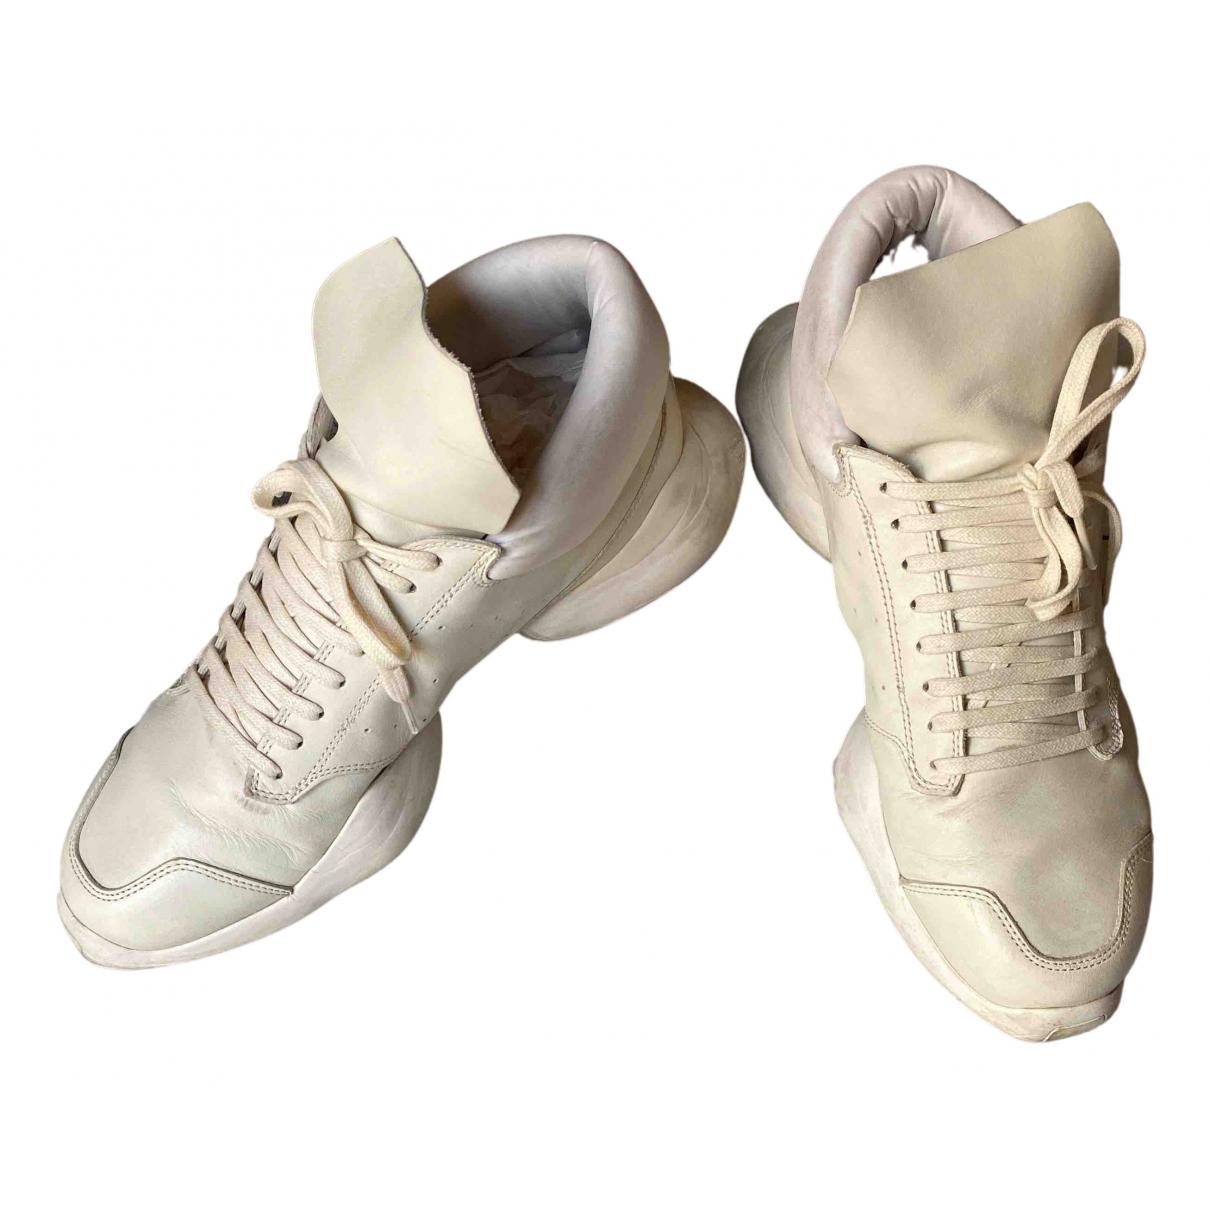 Deportivas de Cuero Adidas & Rick Owens